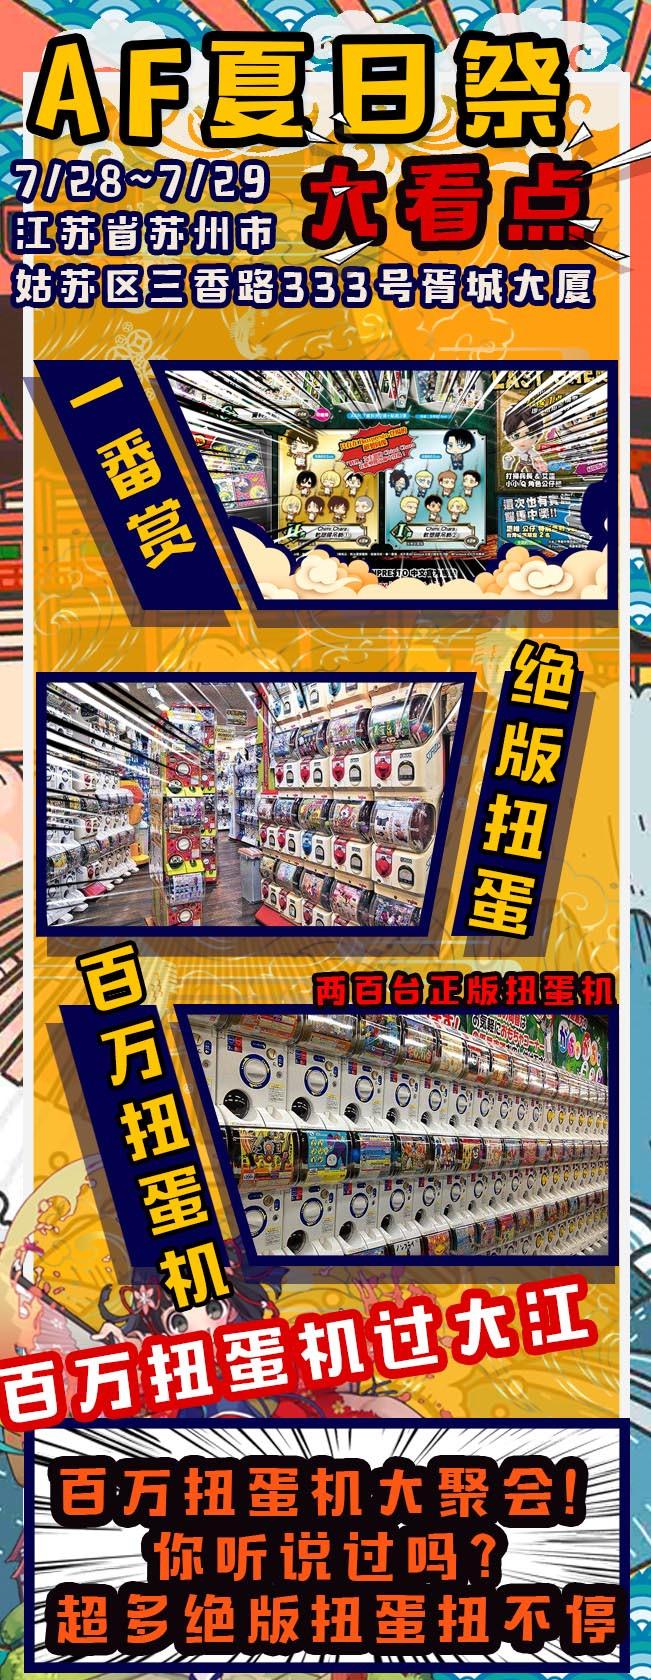 苏州AnimeFeast夏日祭 no.6-C3动漫网